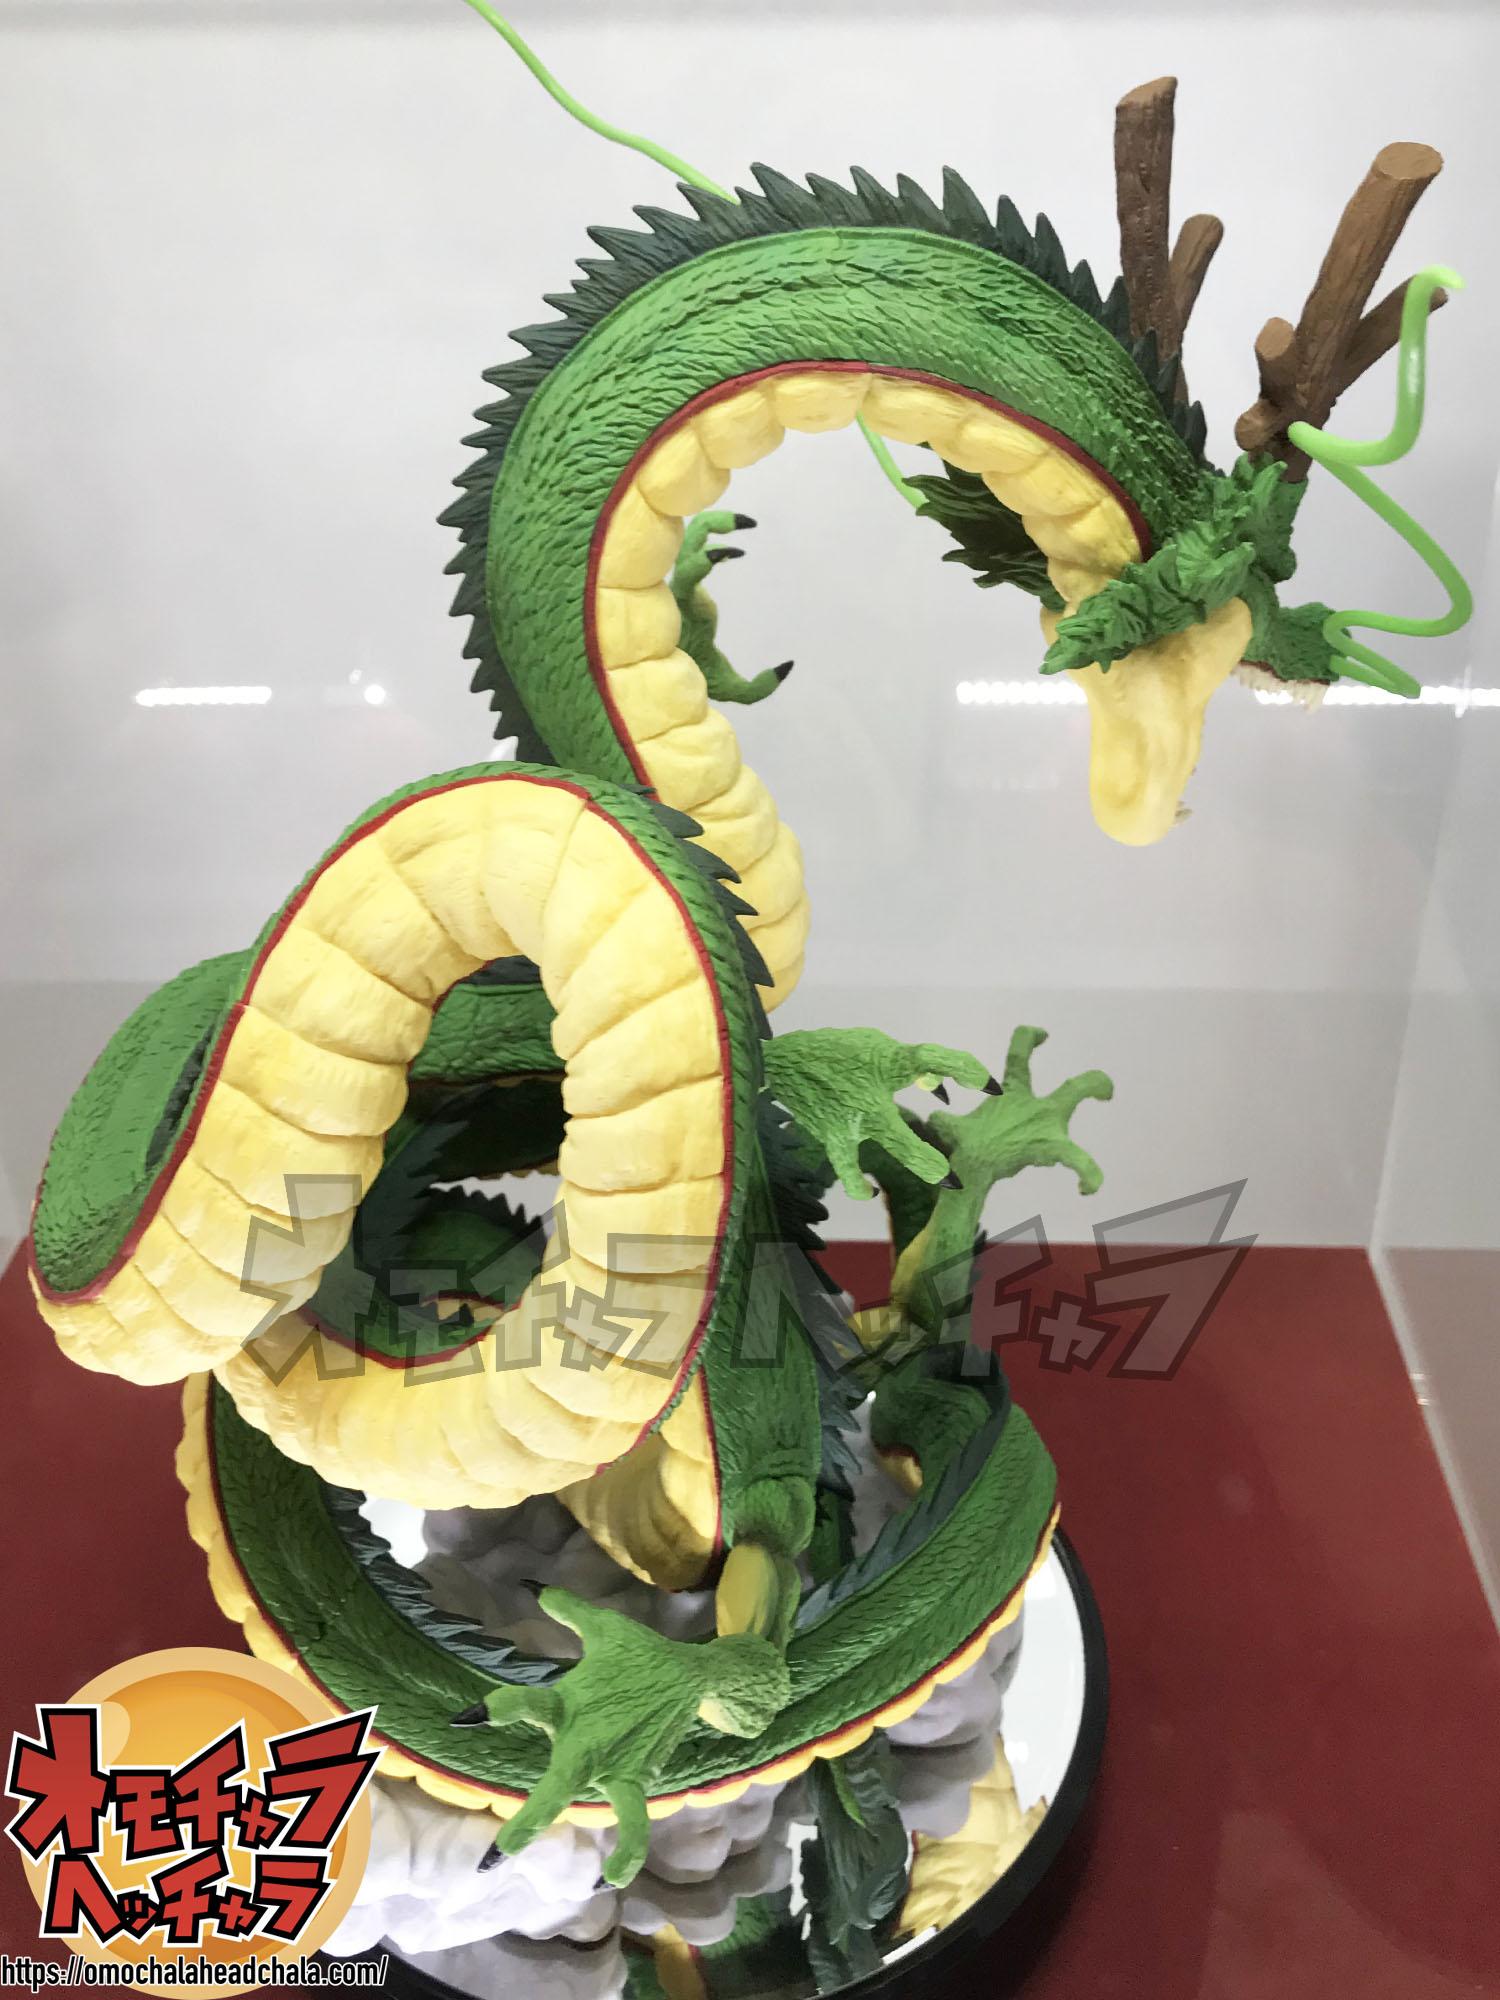 ドラゴンボールフィギュアレビューブログの一番くじ ドラゴンボール ULTIMATE VARIATION ラストワン賞 神龍